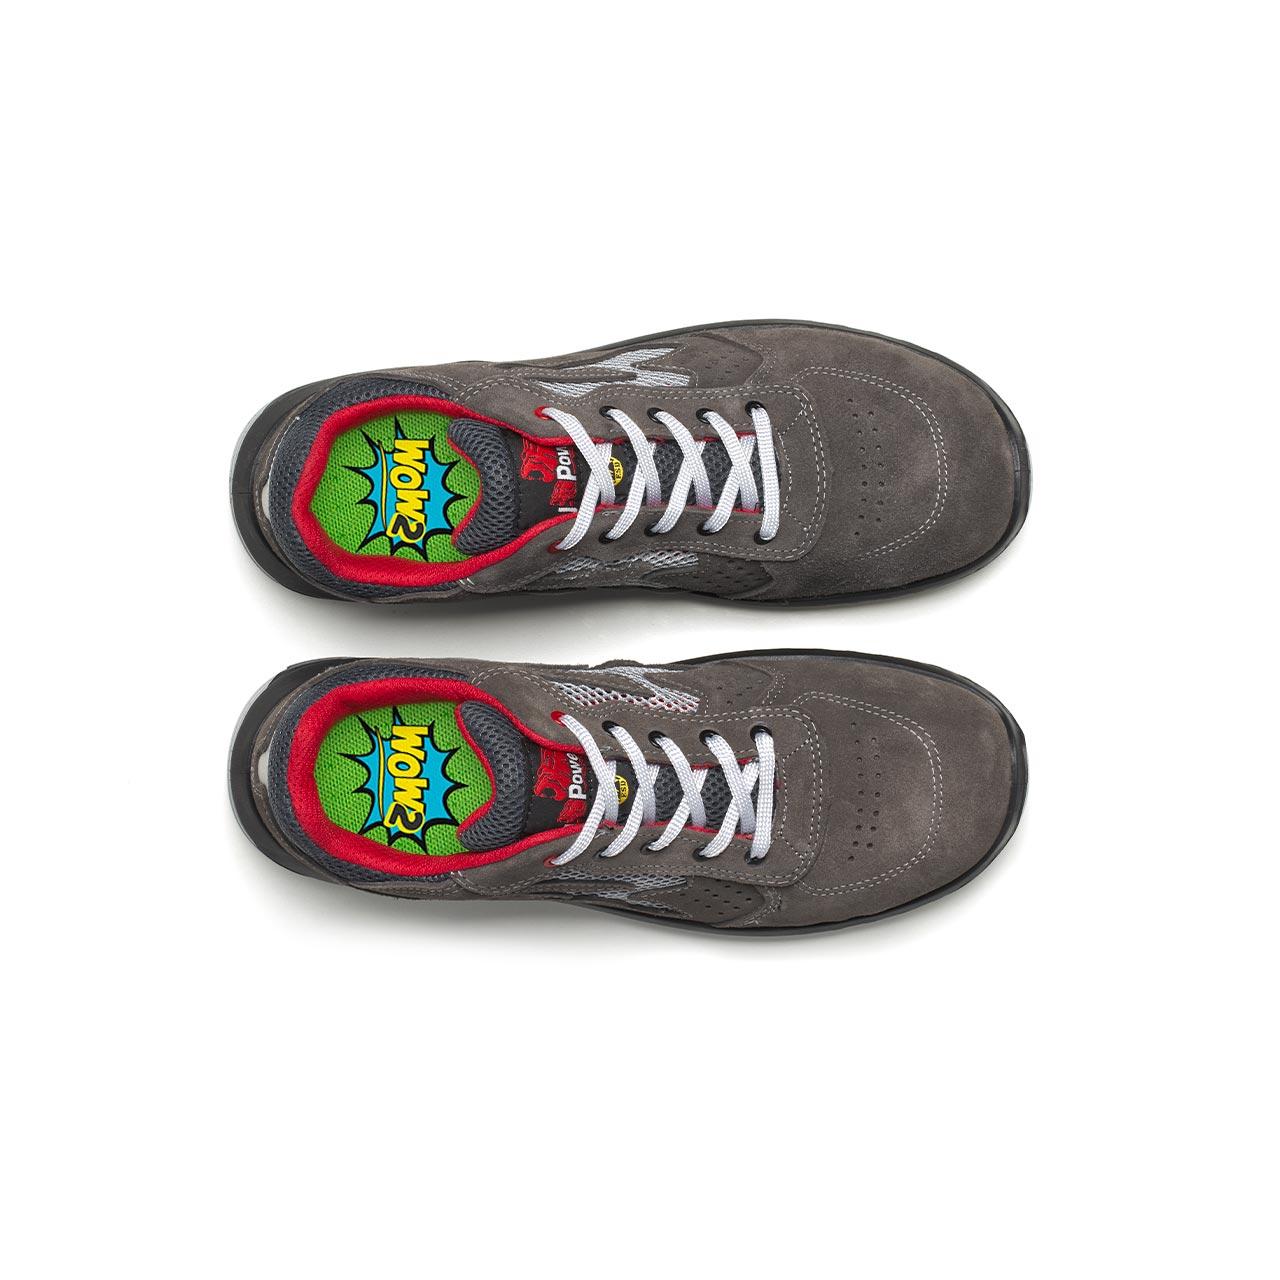 paio di scarpe antinfortunistiche upower modello radial linea redindustry vista top